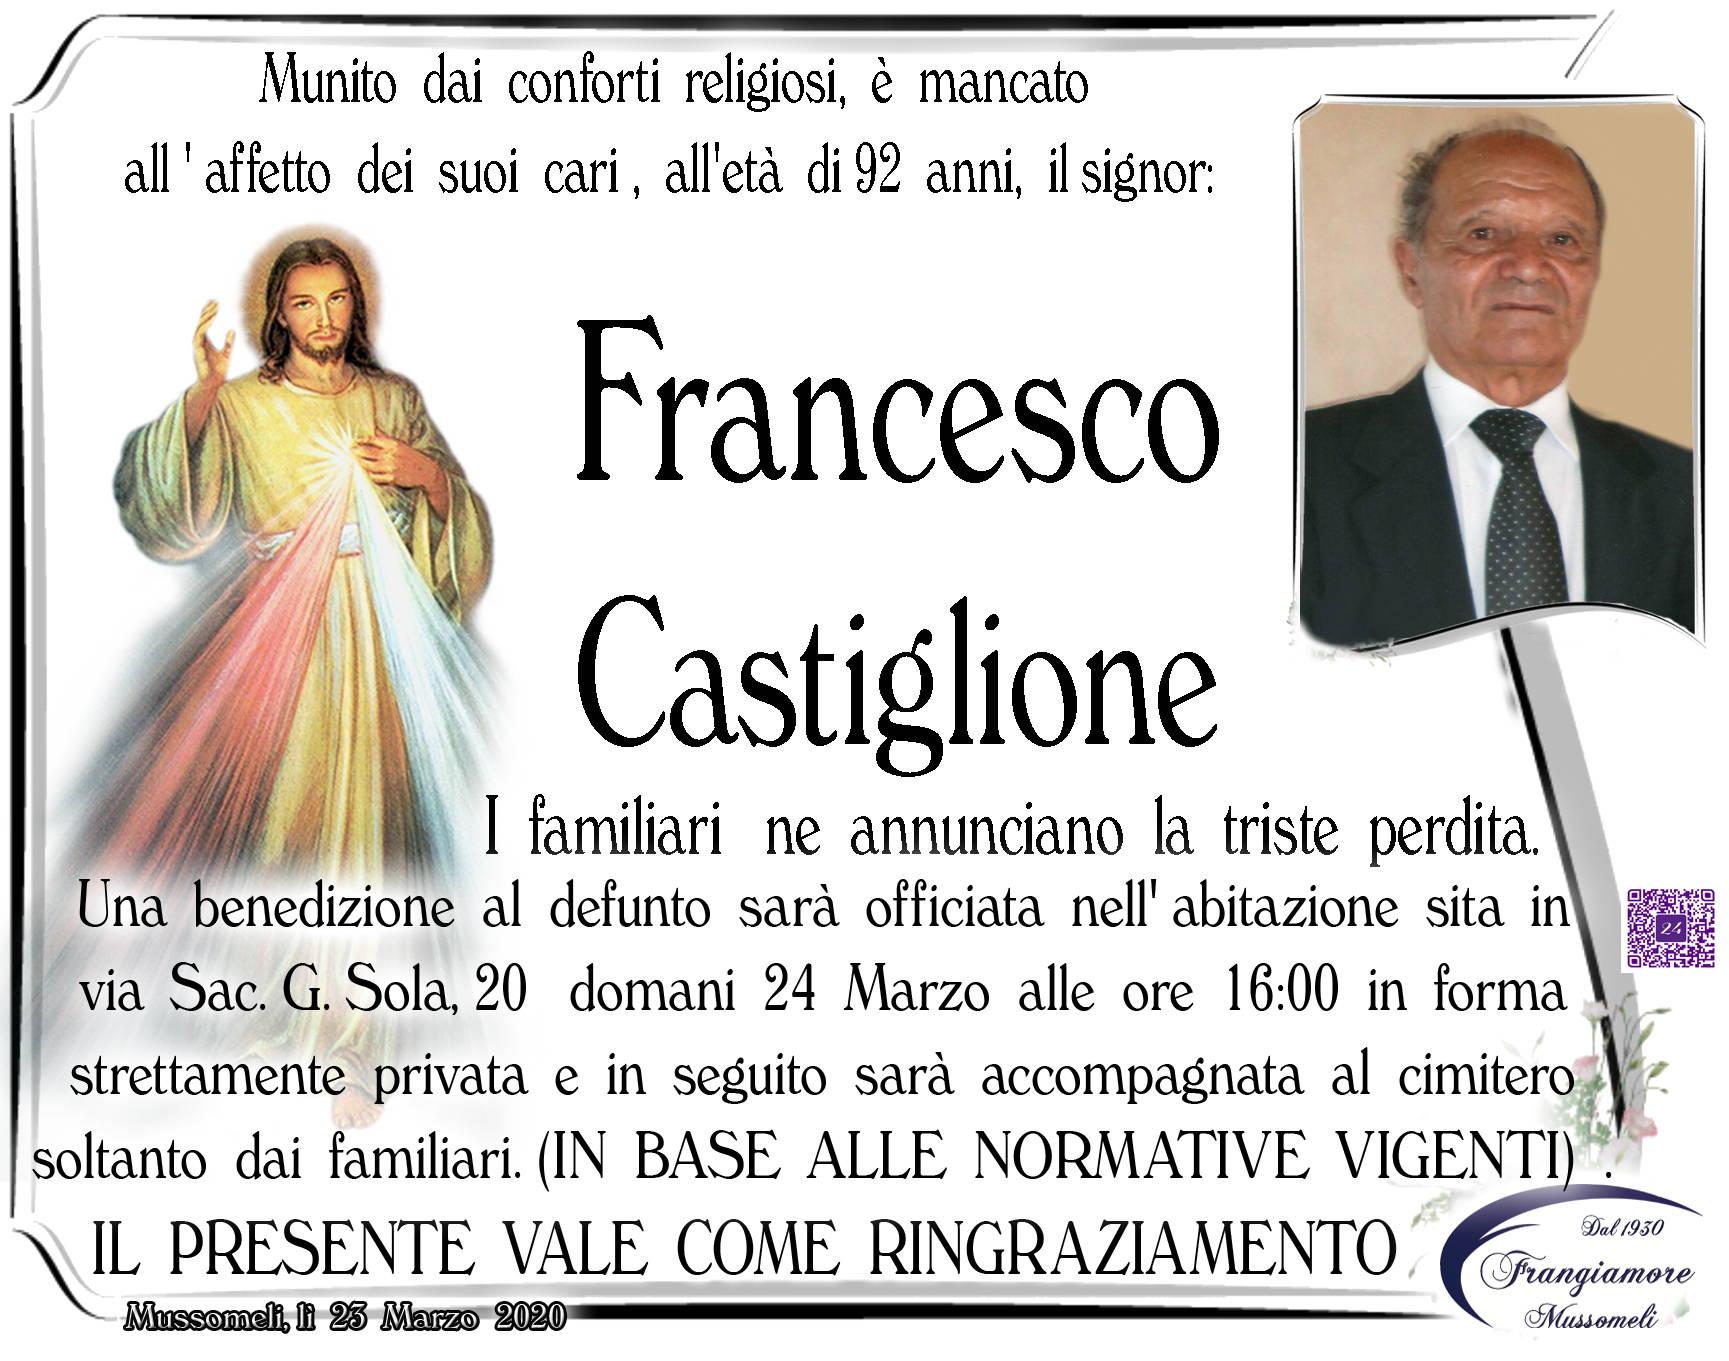 Francesco Castiglione